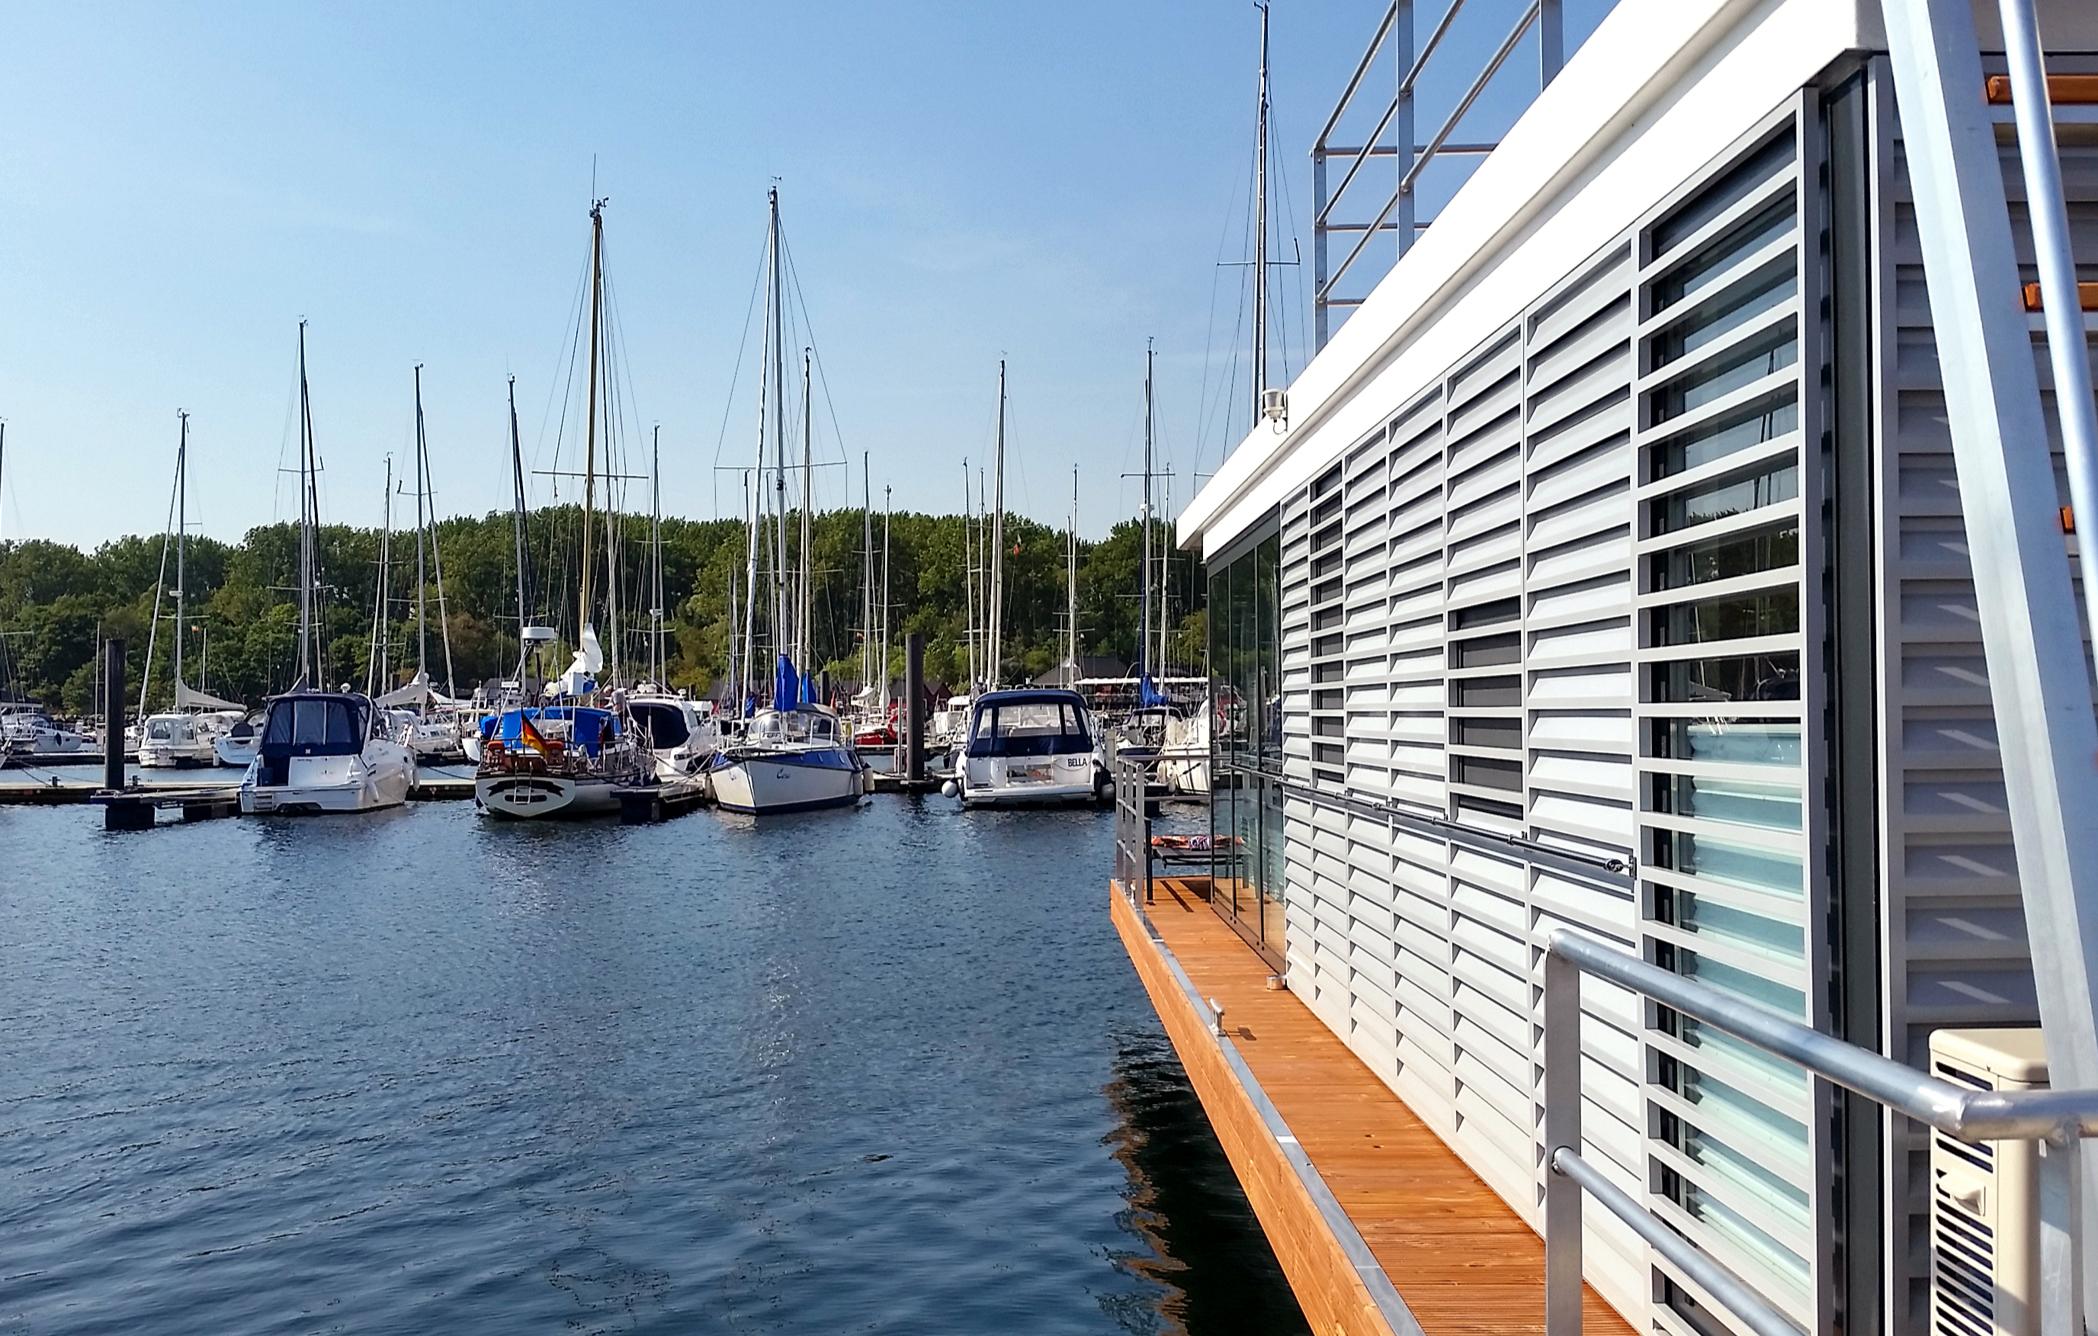 hausboot-uebernachtung-ostseebad-boltenhagen-bg2